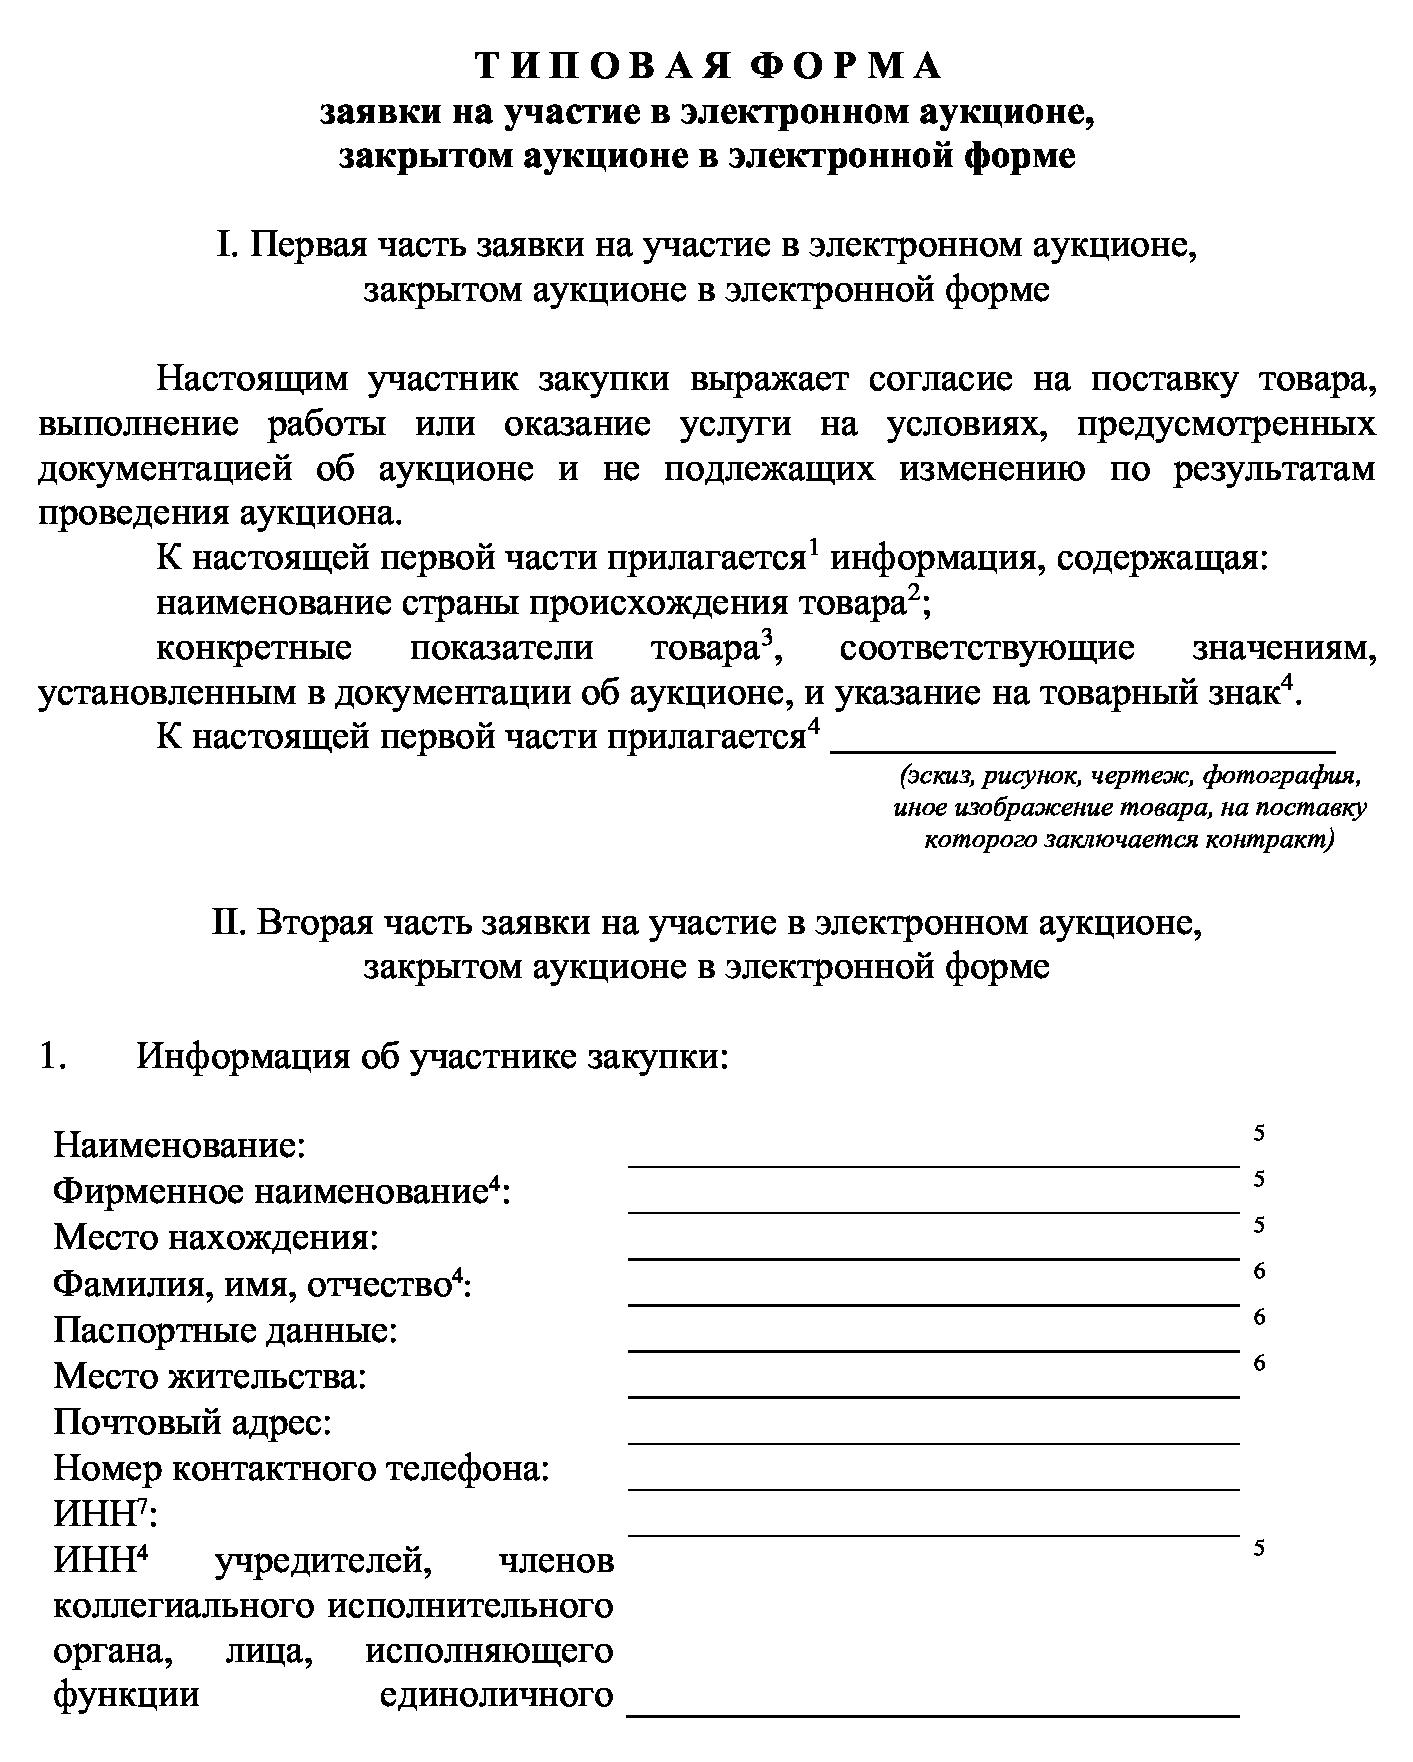 Заявка на участие в электронном аукционе образец